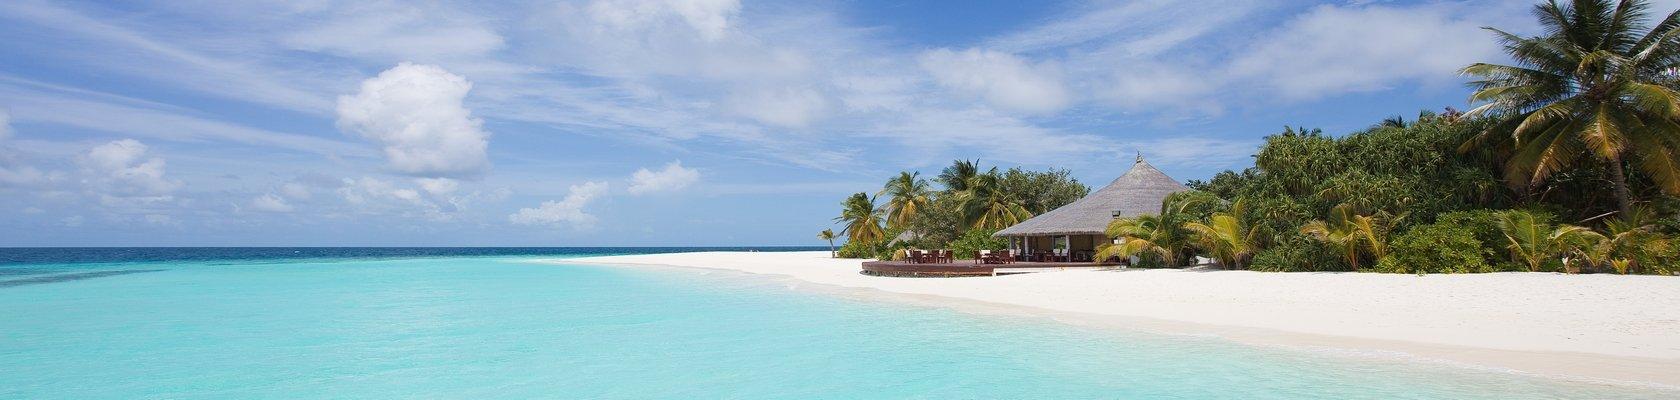 Stranden van de Malediven